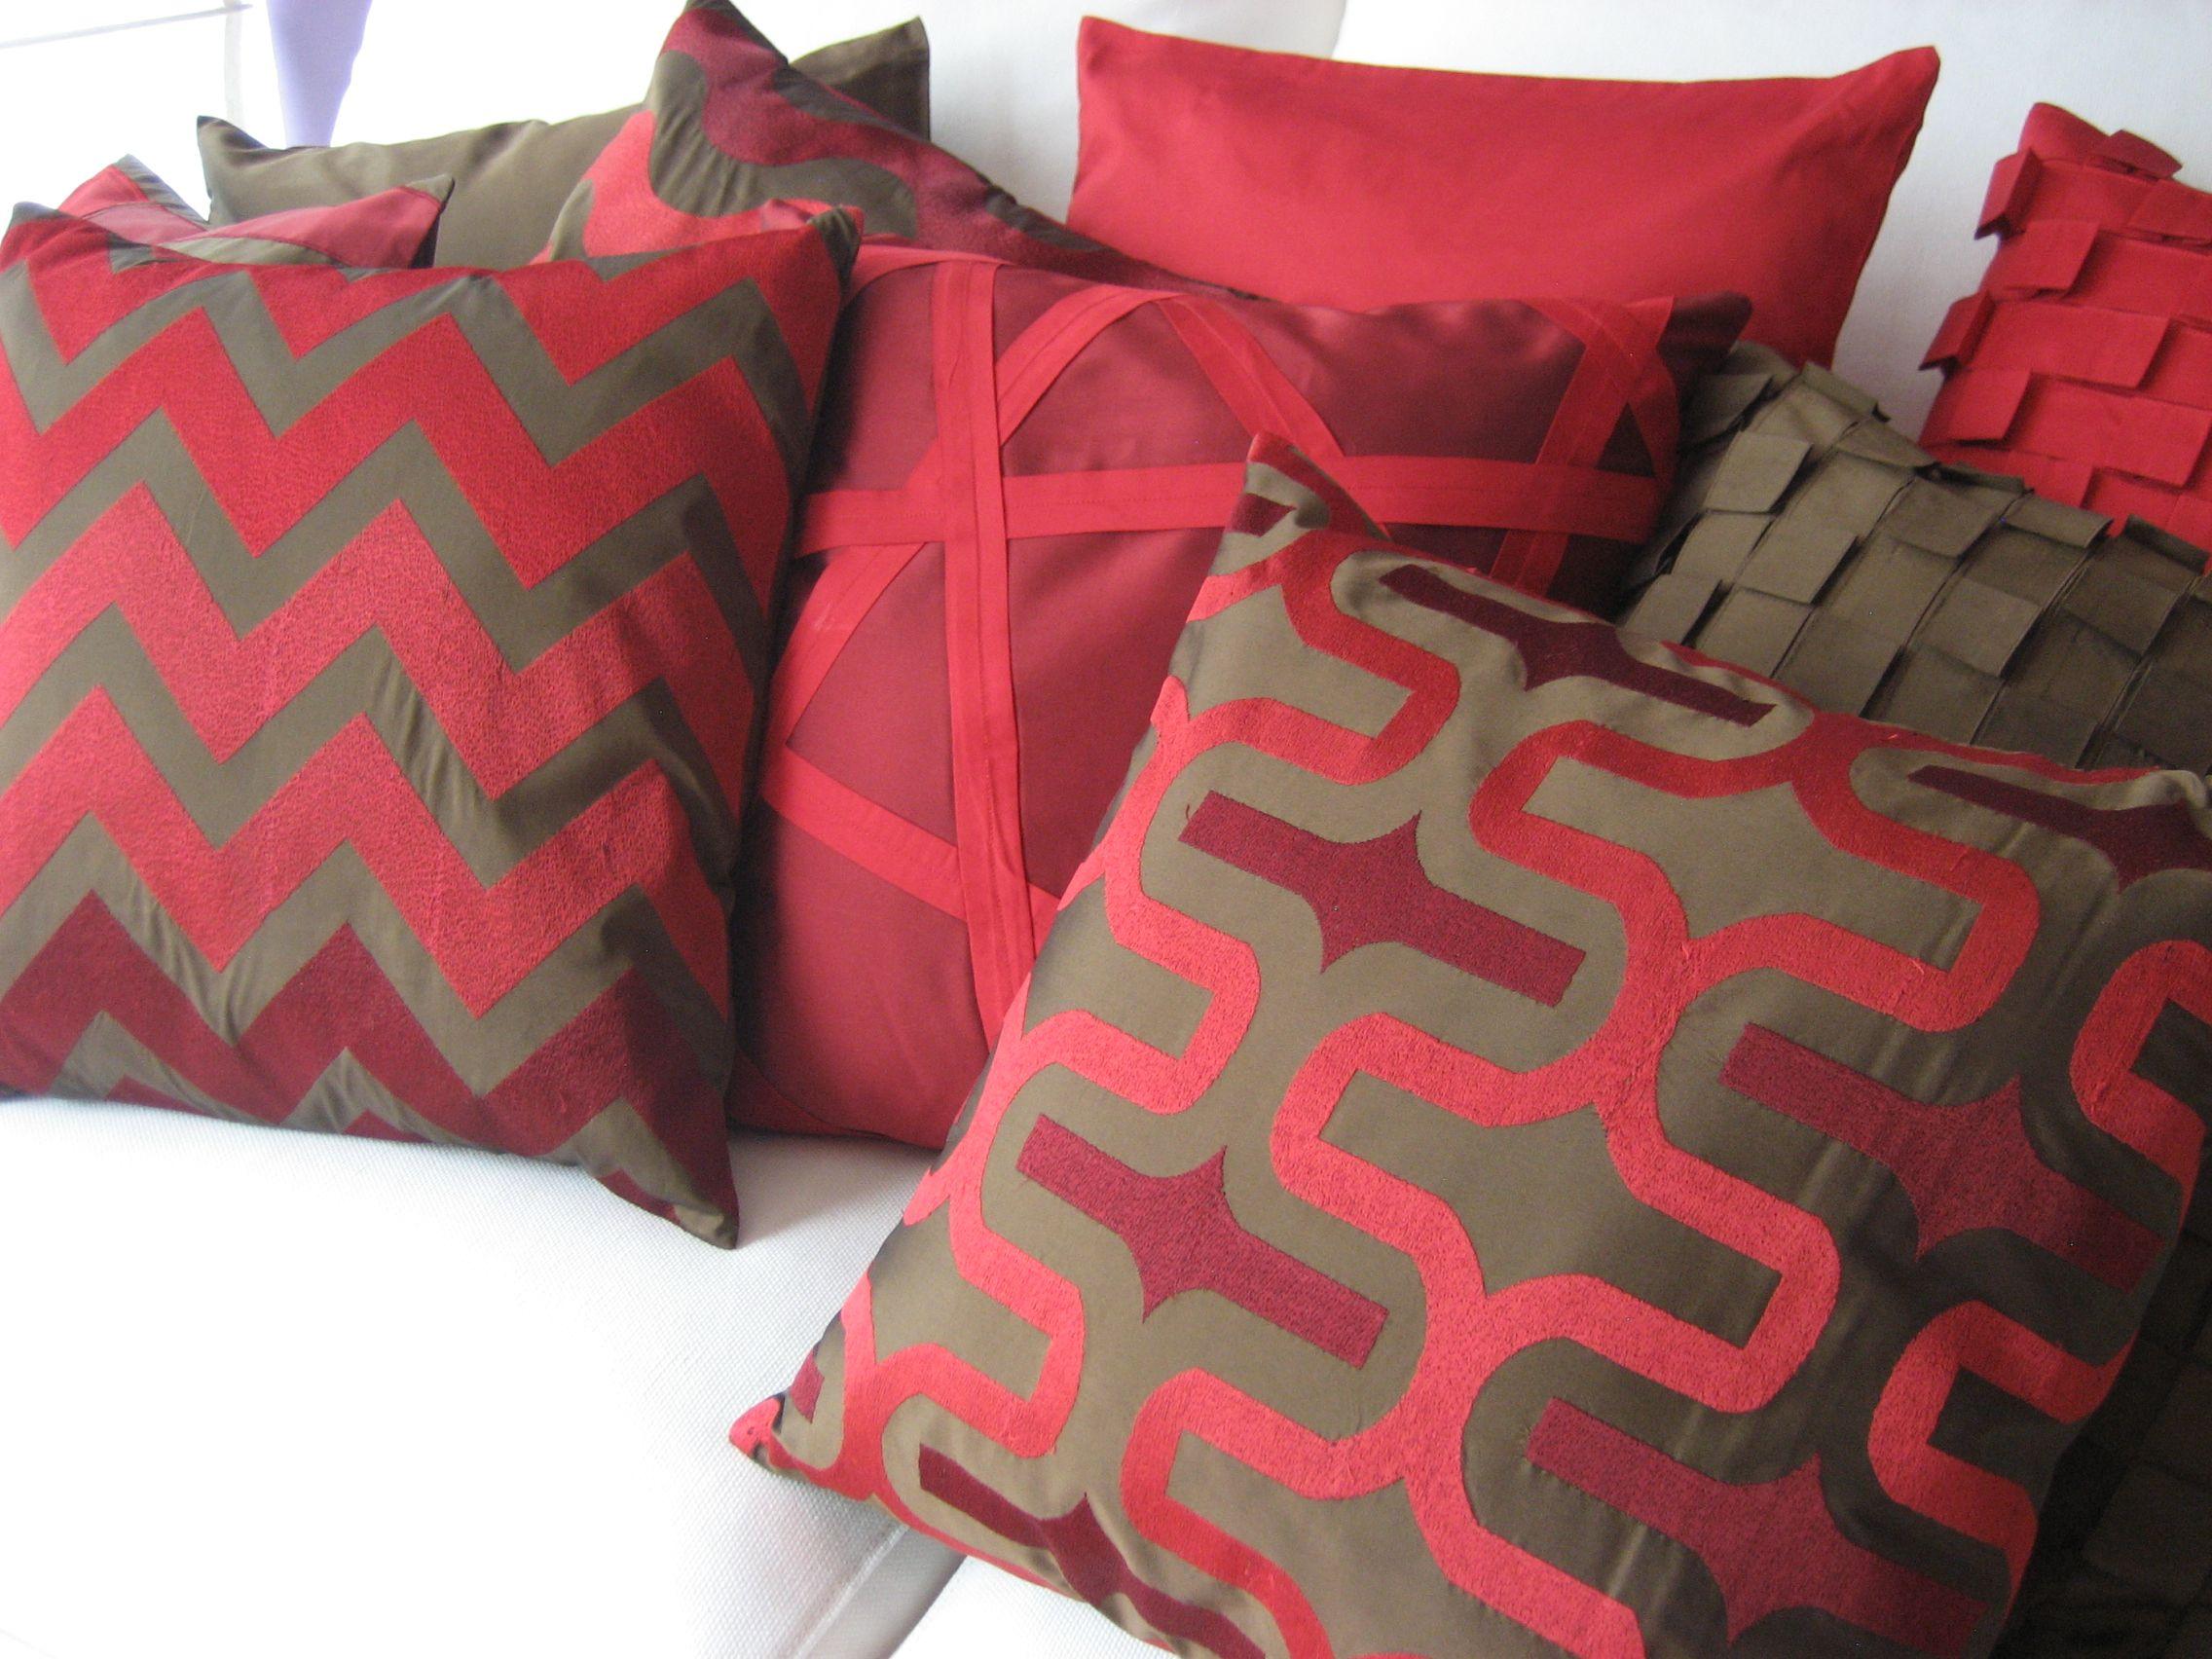 Cojines decorativos rojos decoraci n para el hogar compra - Decoracion online hogar ...